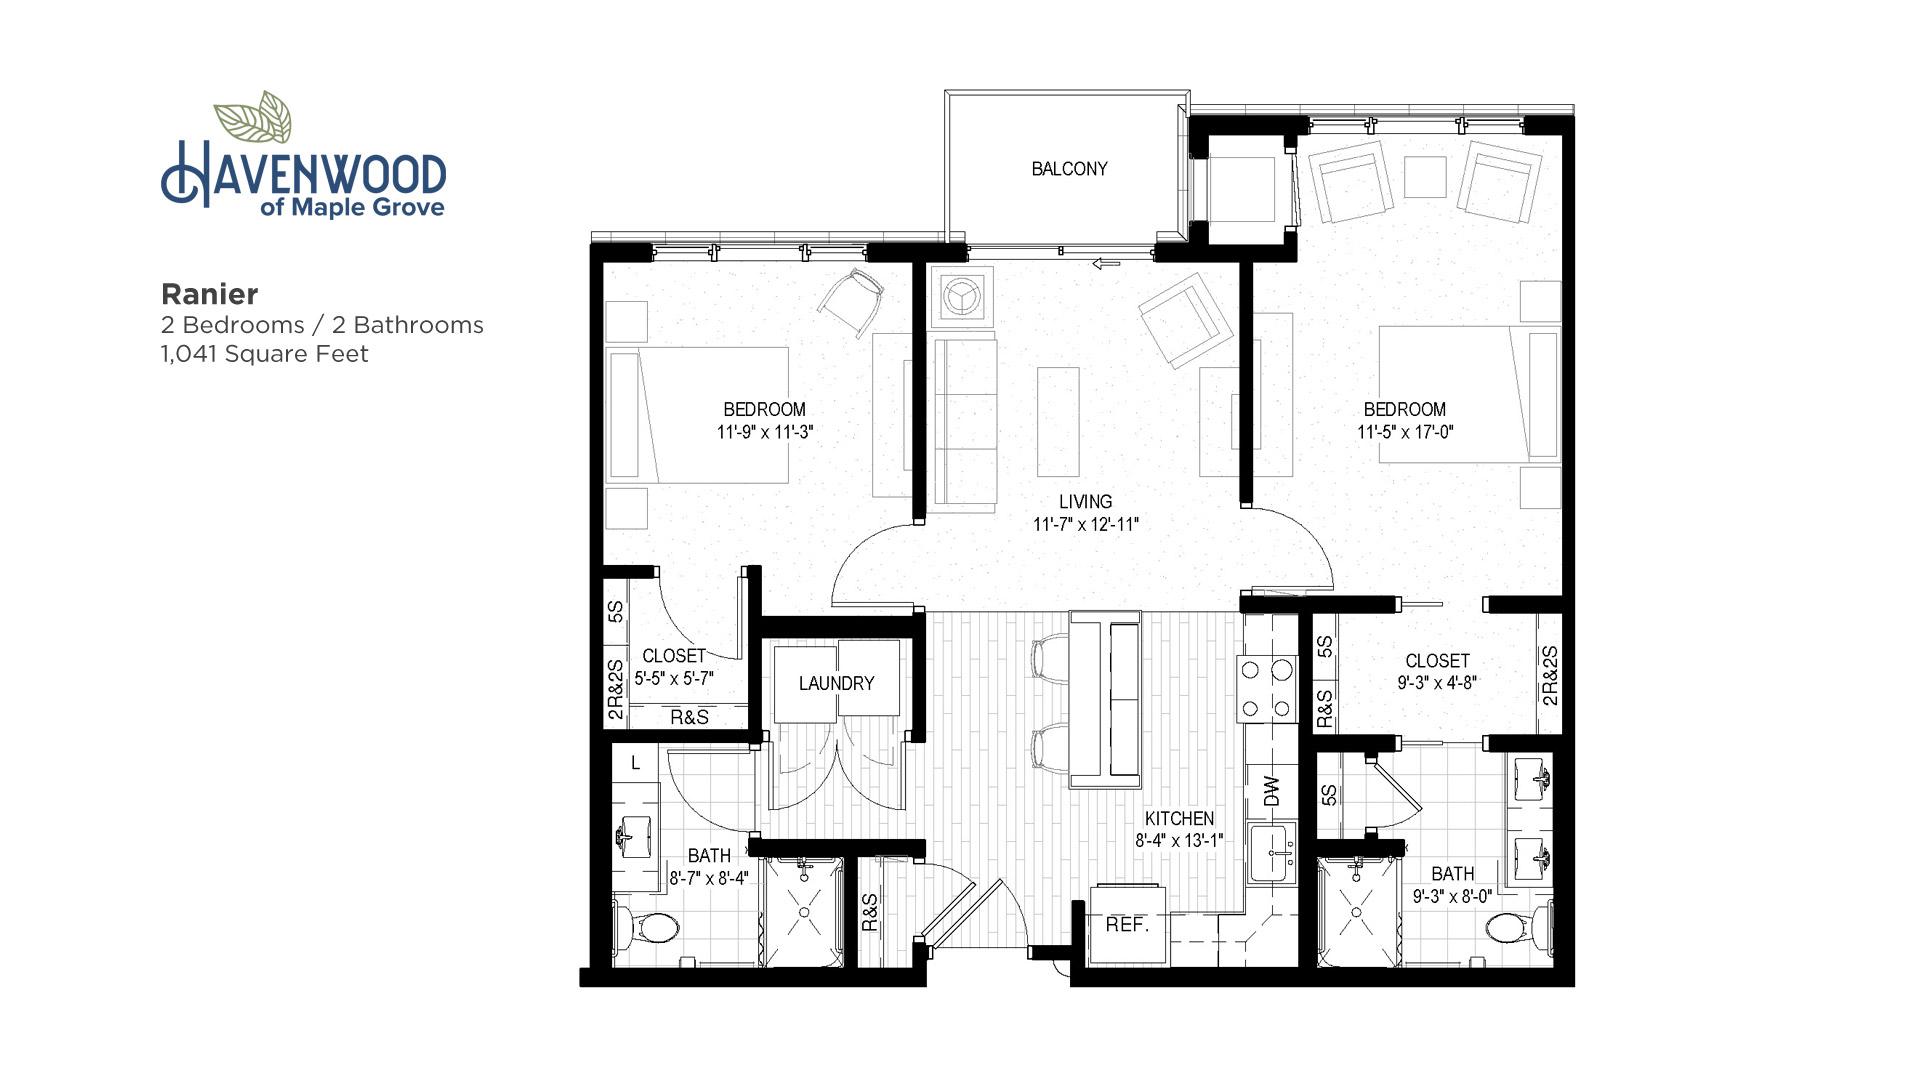 Havenwood of Maple Grove Ranier Floor Plan